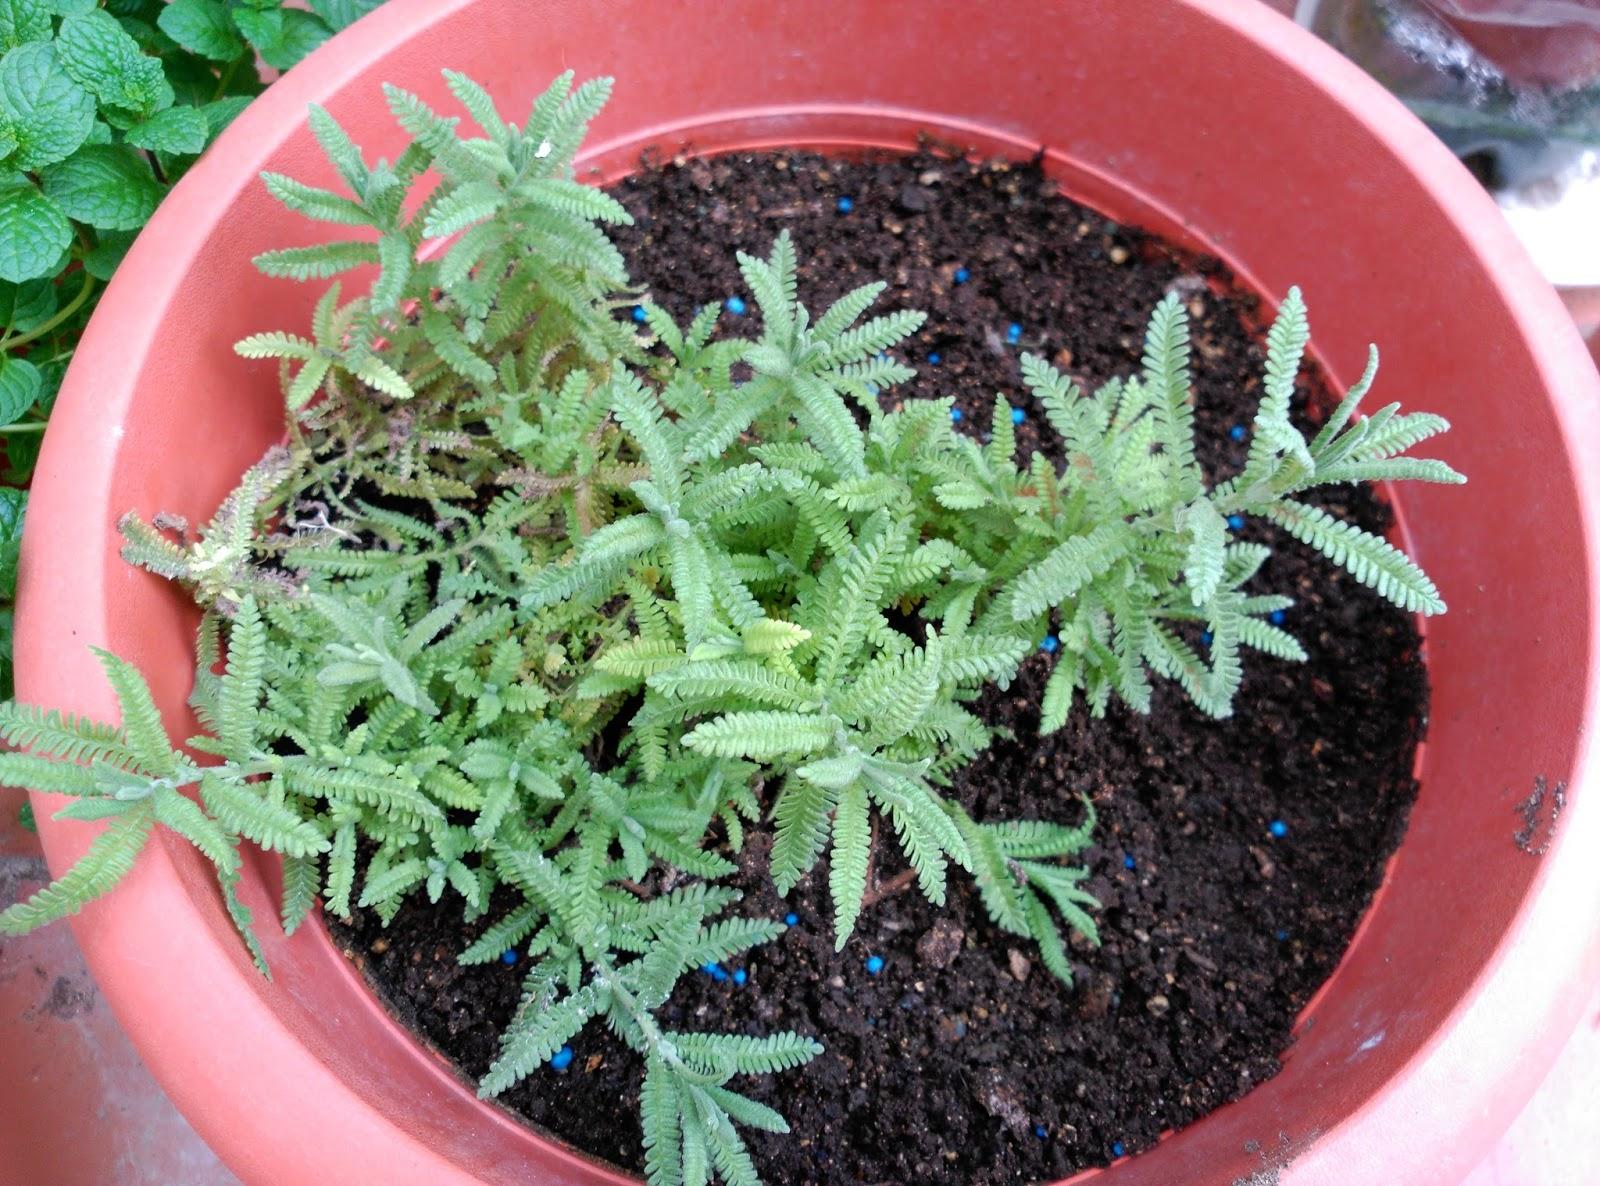 Huerto casero de quiquet como plantar esquejes de lavanda - Cultivar lavanda en casa ...